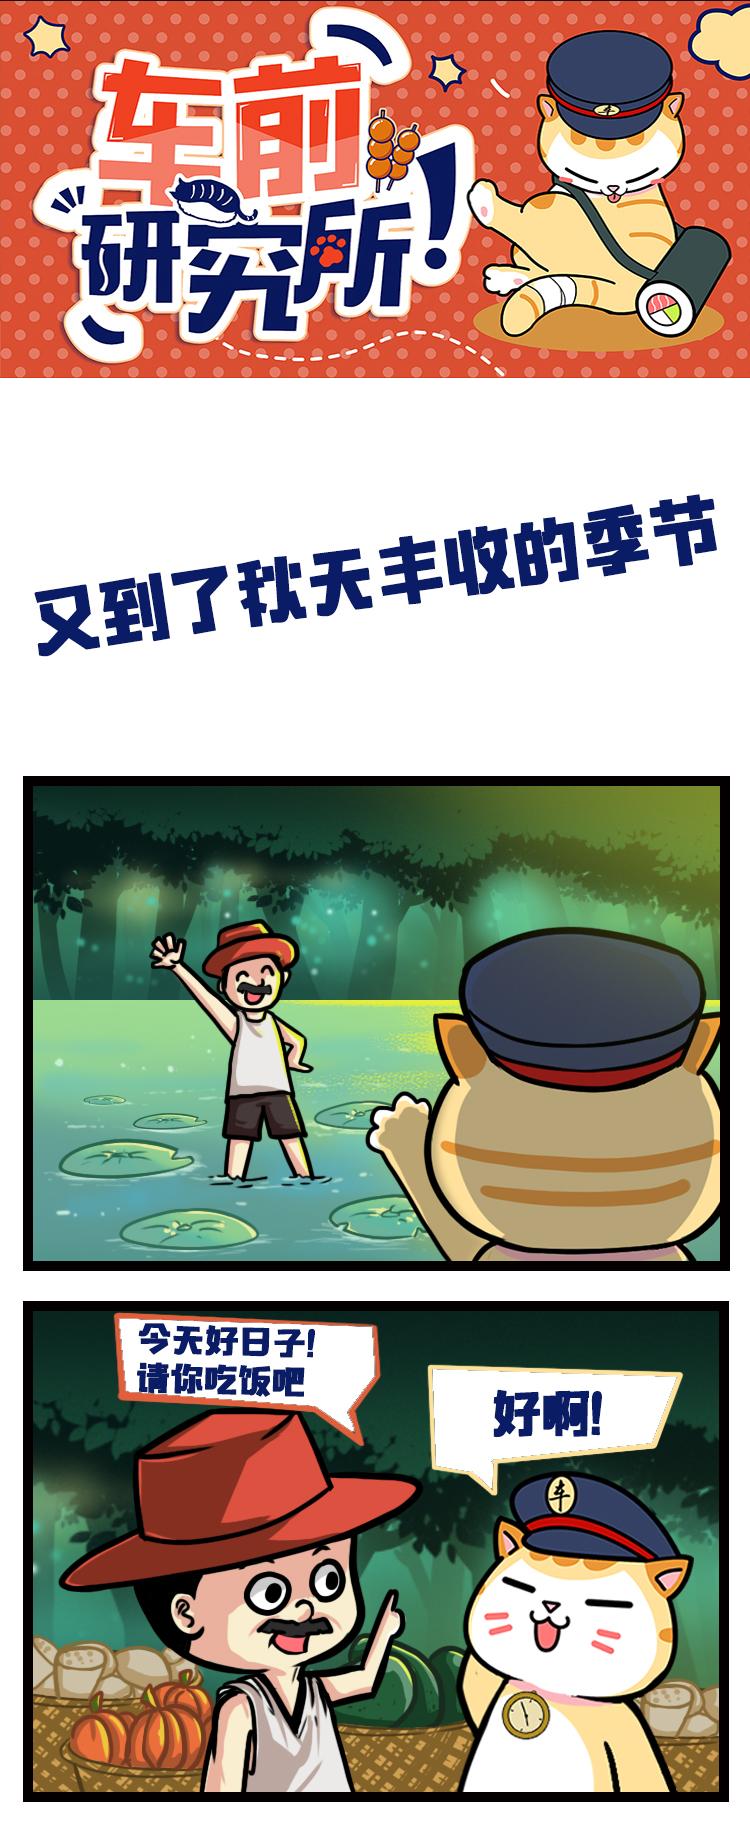 车前新品预告漫画2_01.jpg